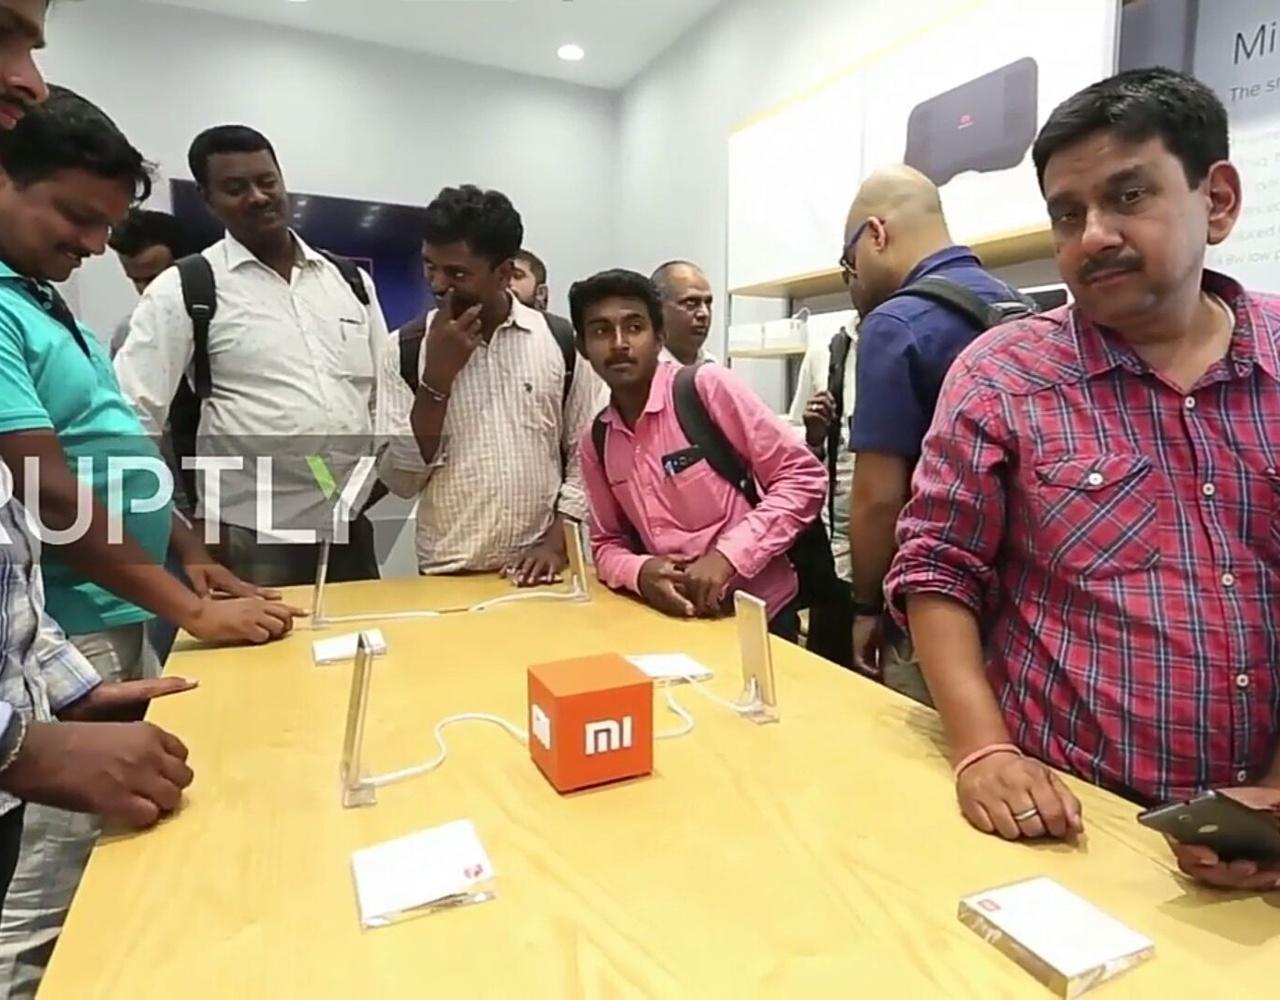 小米在印度开设首个线下体验店《小米之家》